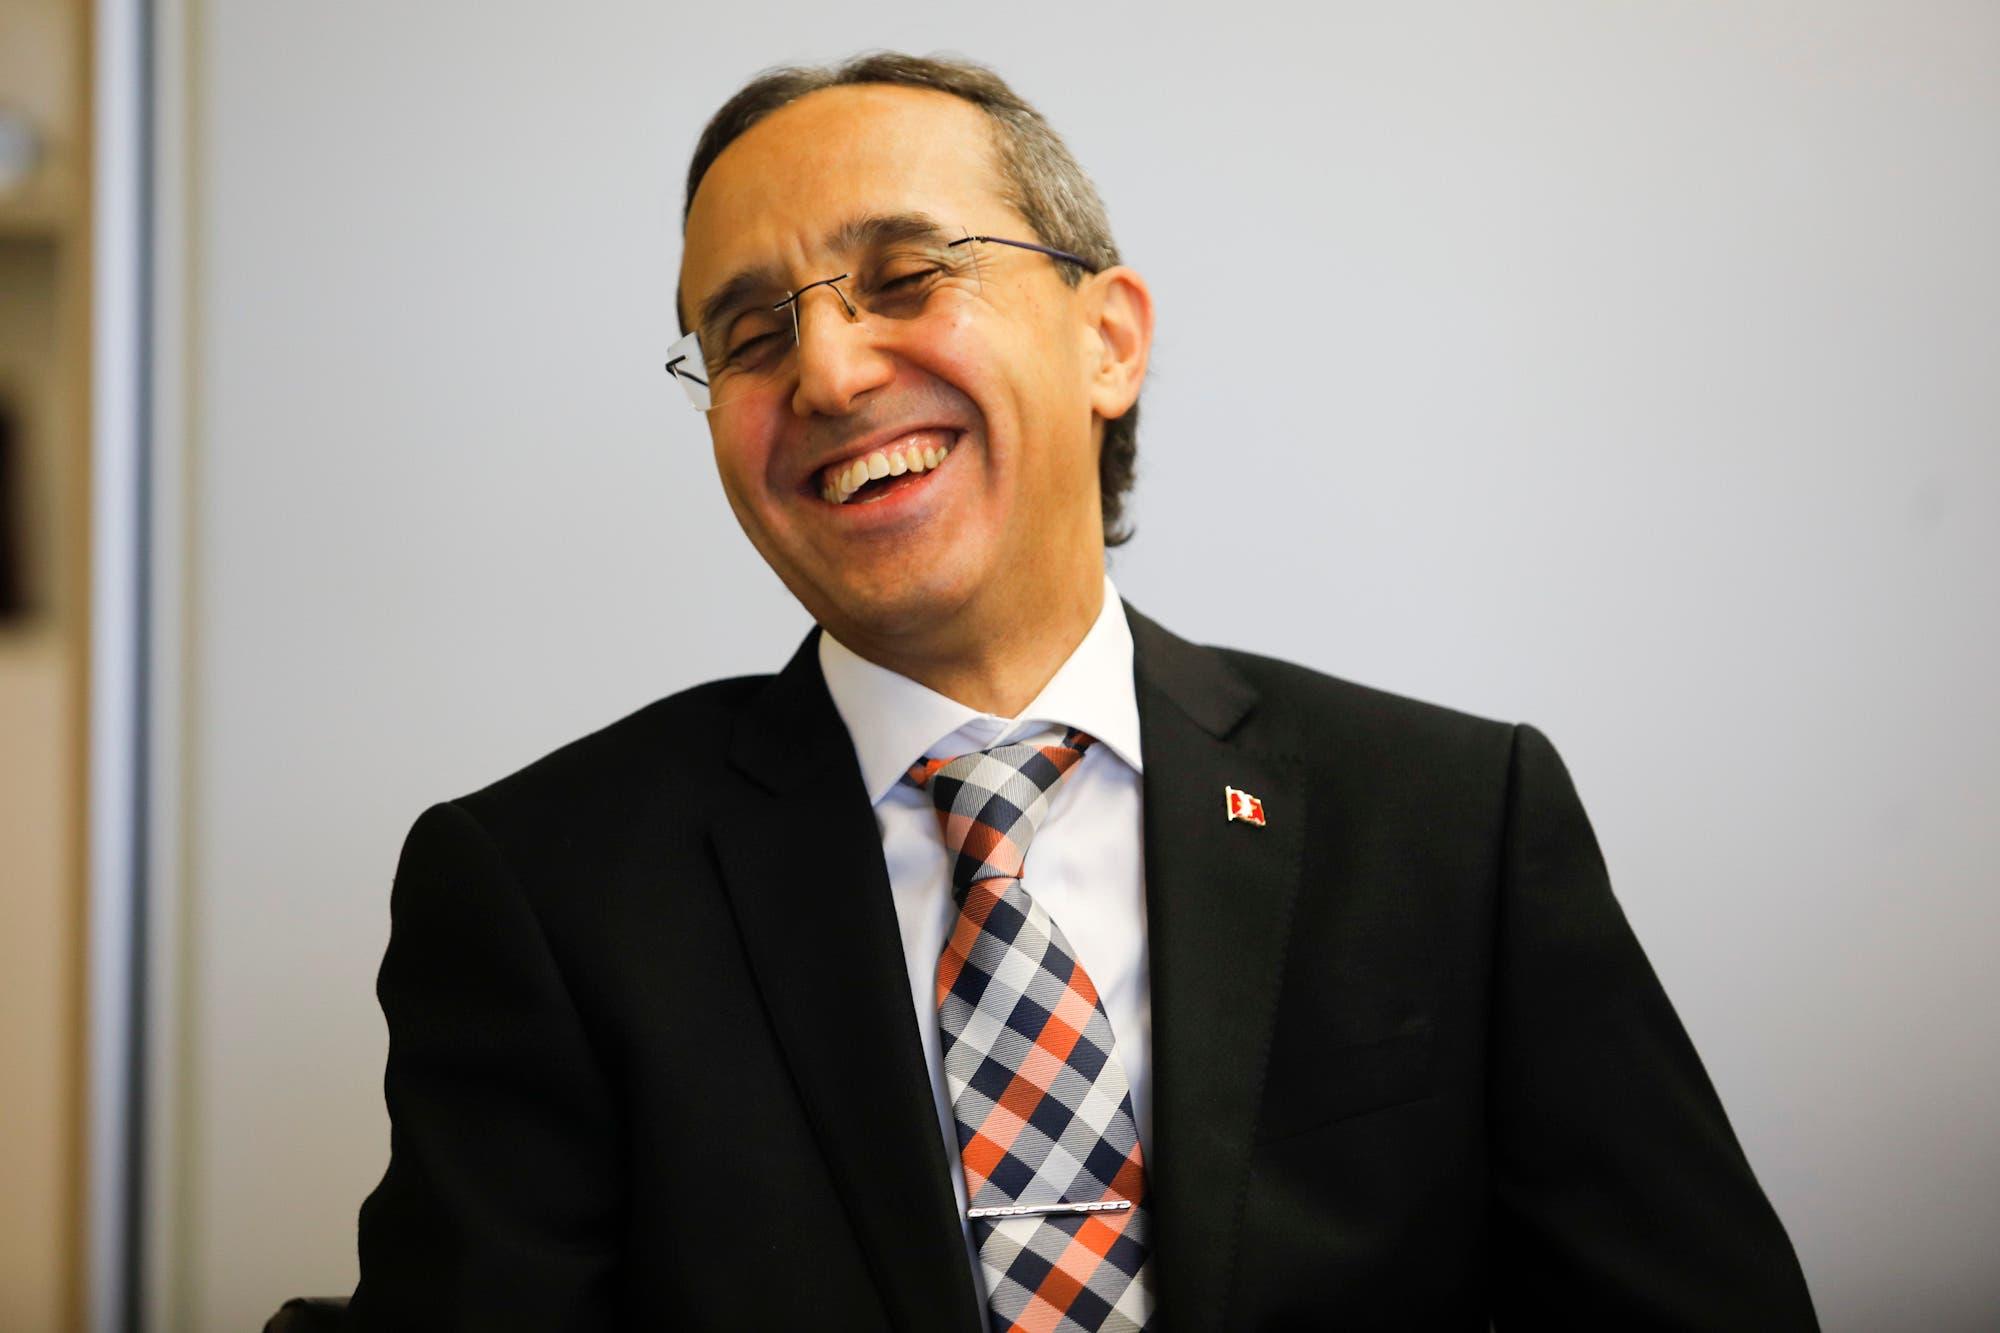 El embajador del Reino de Marruecos visitó LA NACION - LA NACION